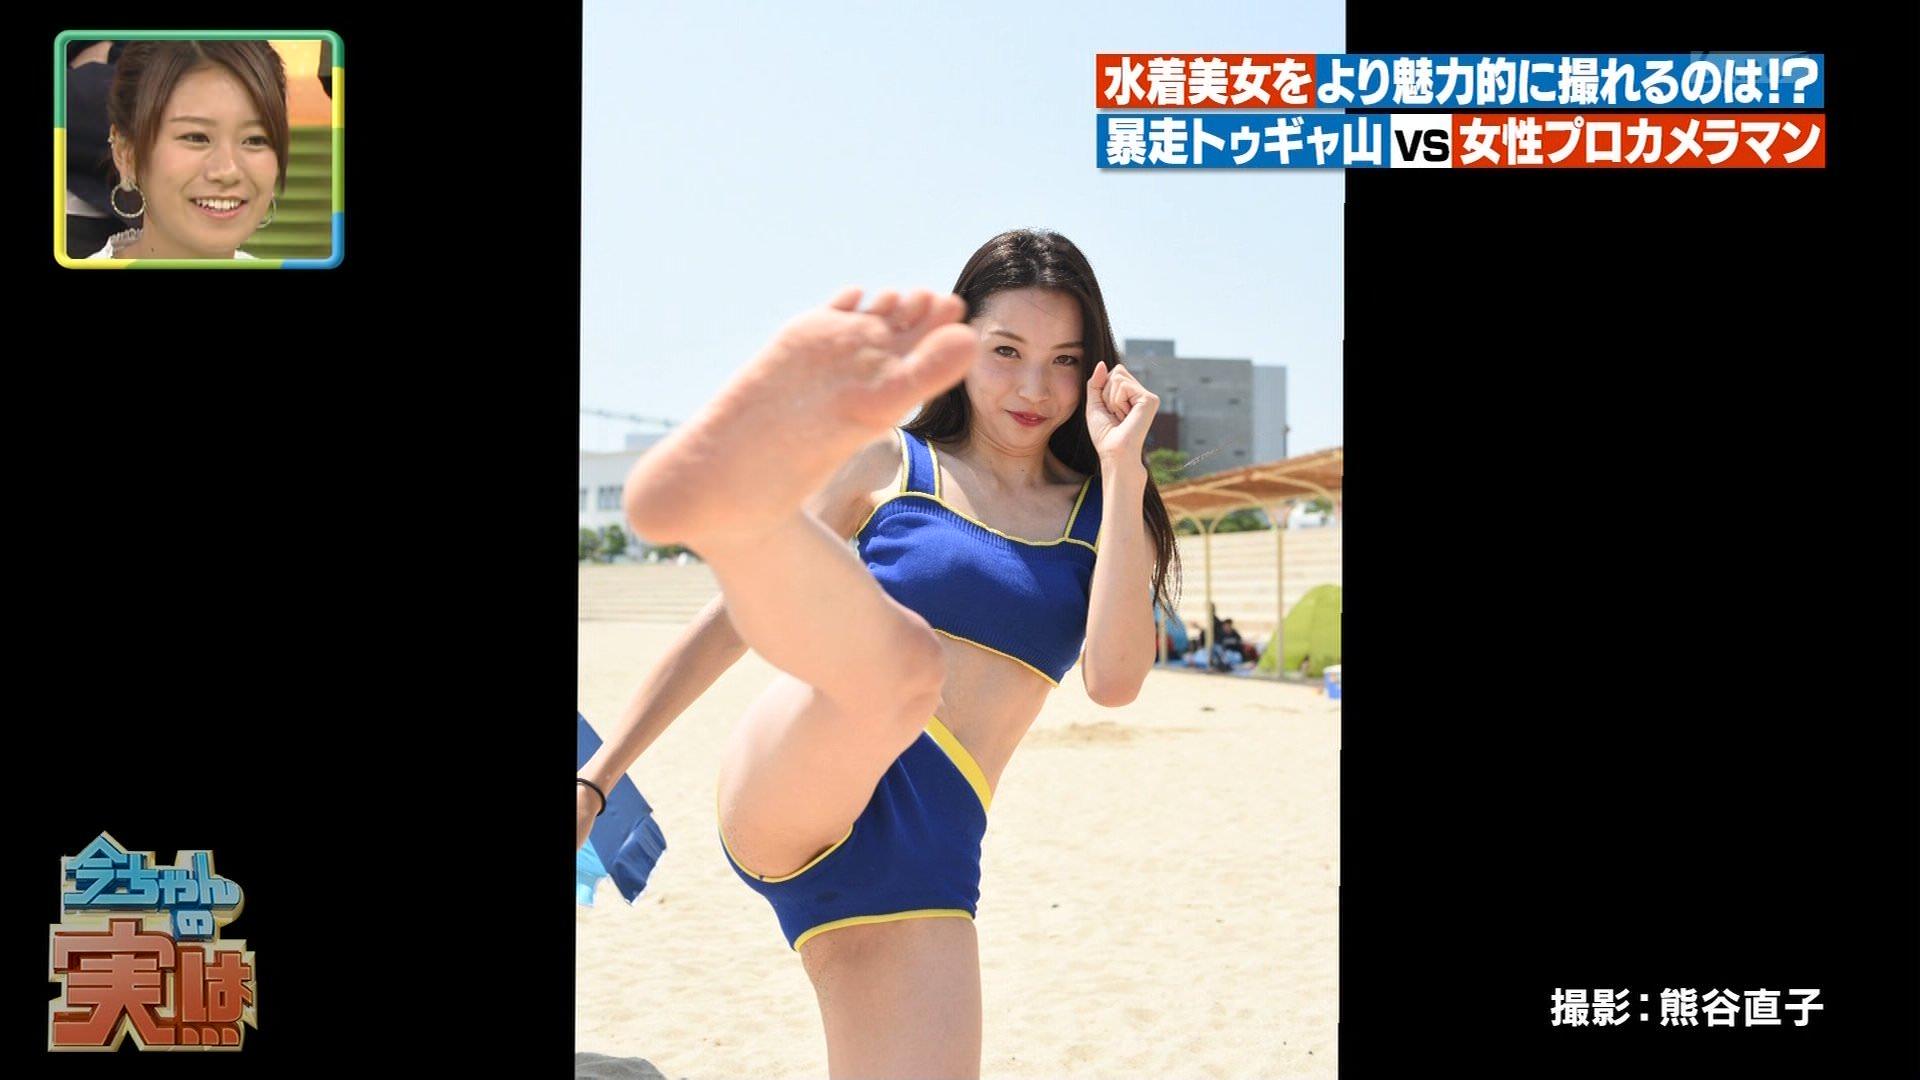 ビーチ_ビキニ水着_股間_素人_テレビキャプ画像_33